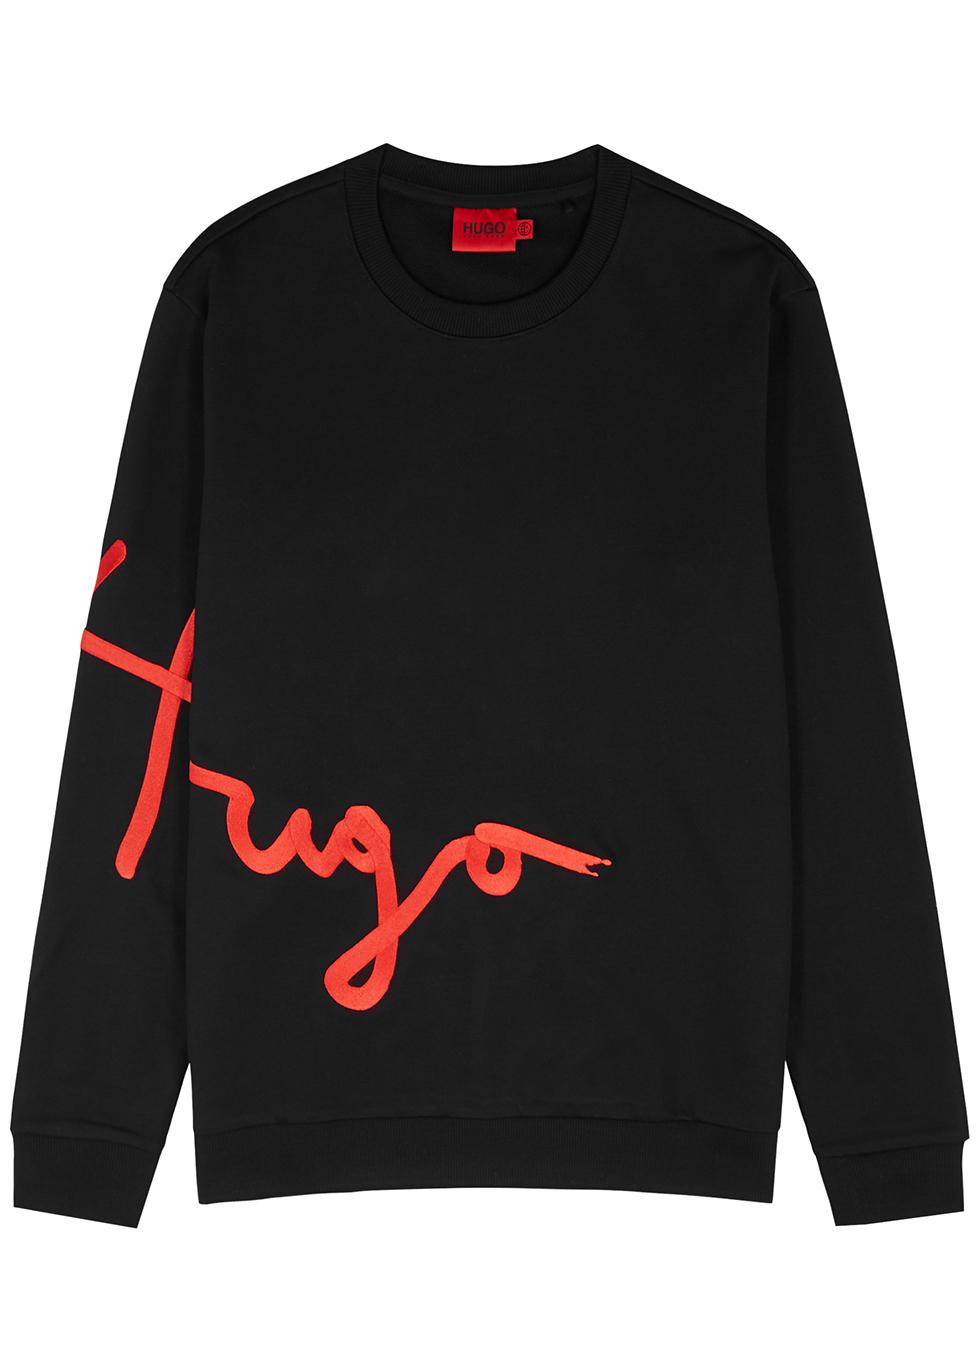 Dollins black embroidered cotton sweatshirt